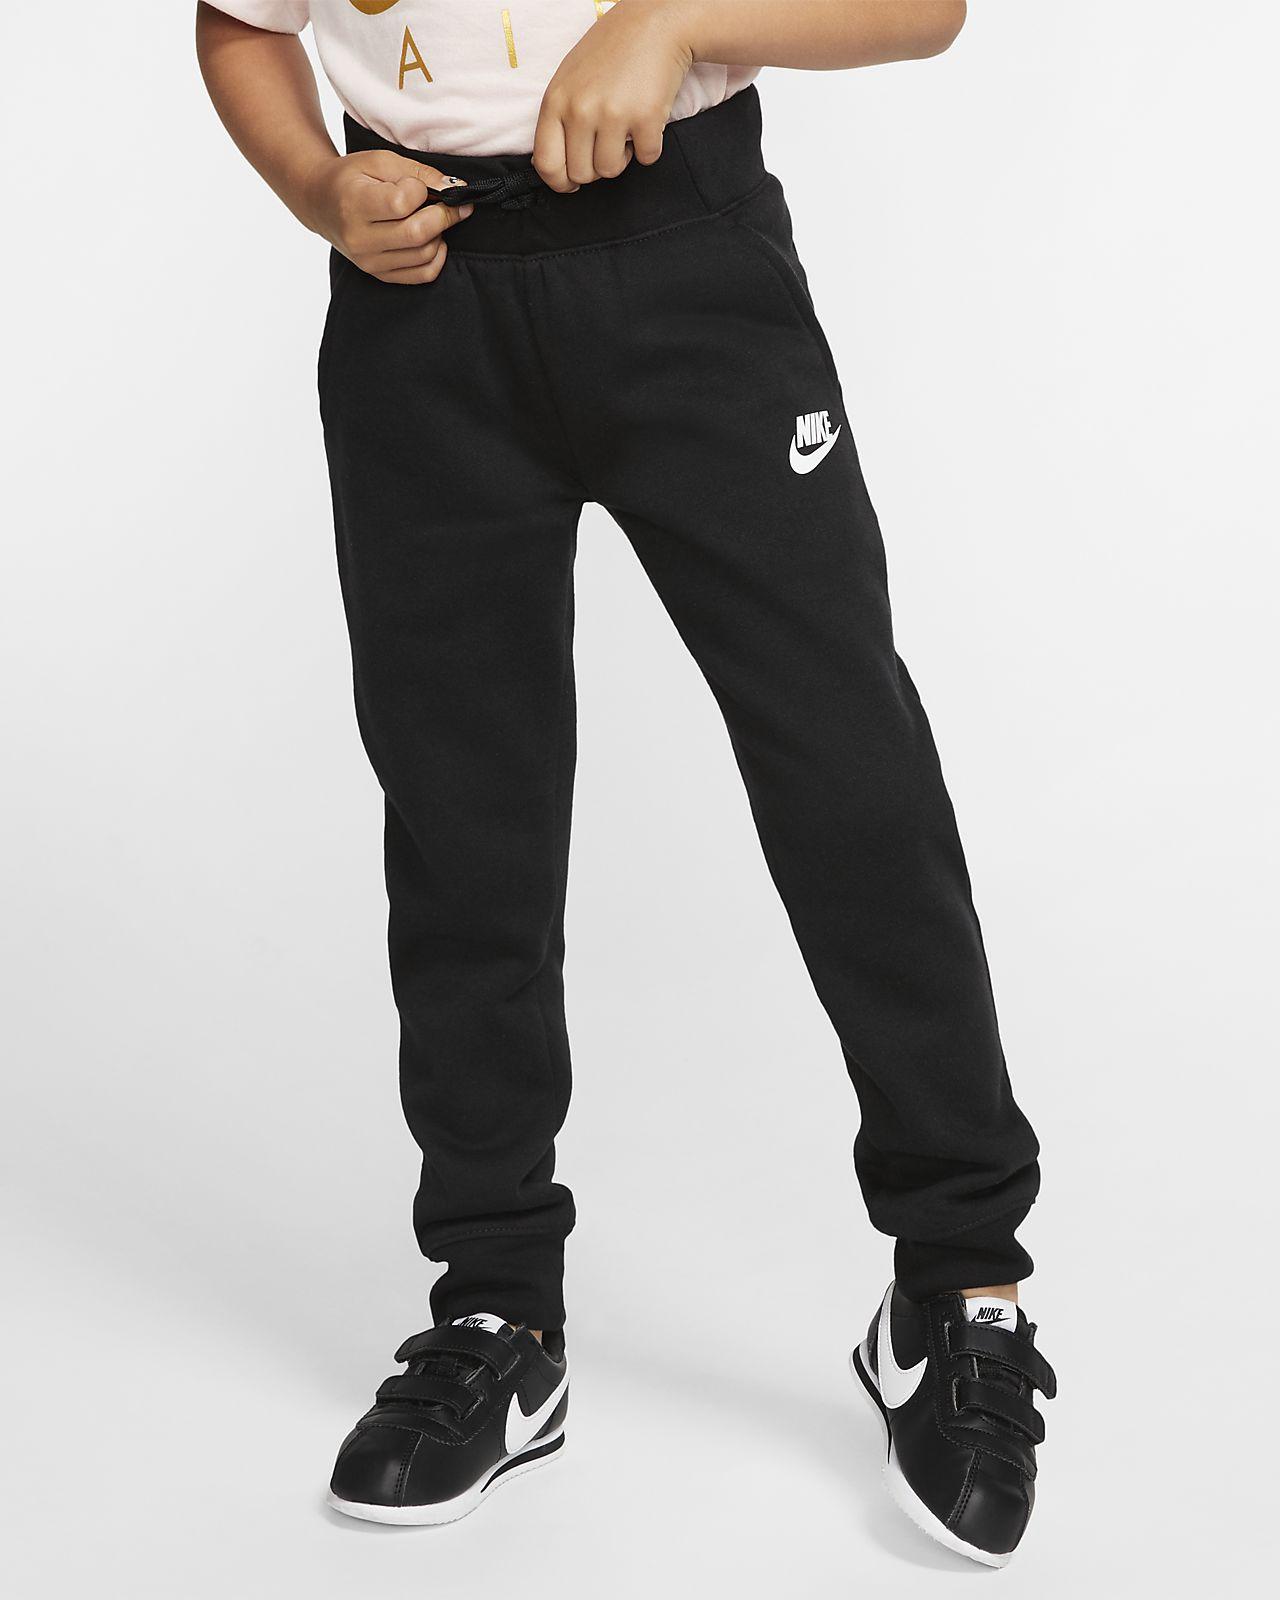 Nike Sportswear Little Kids' Fleece Joggers